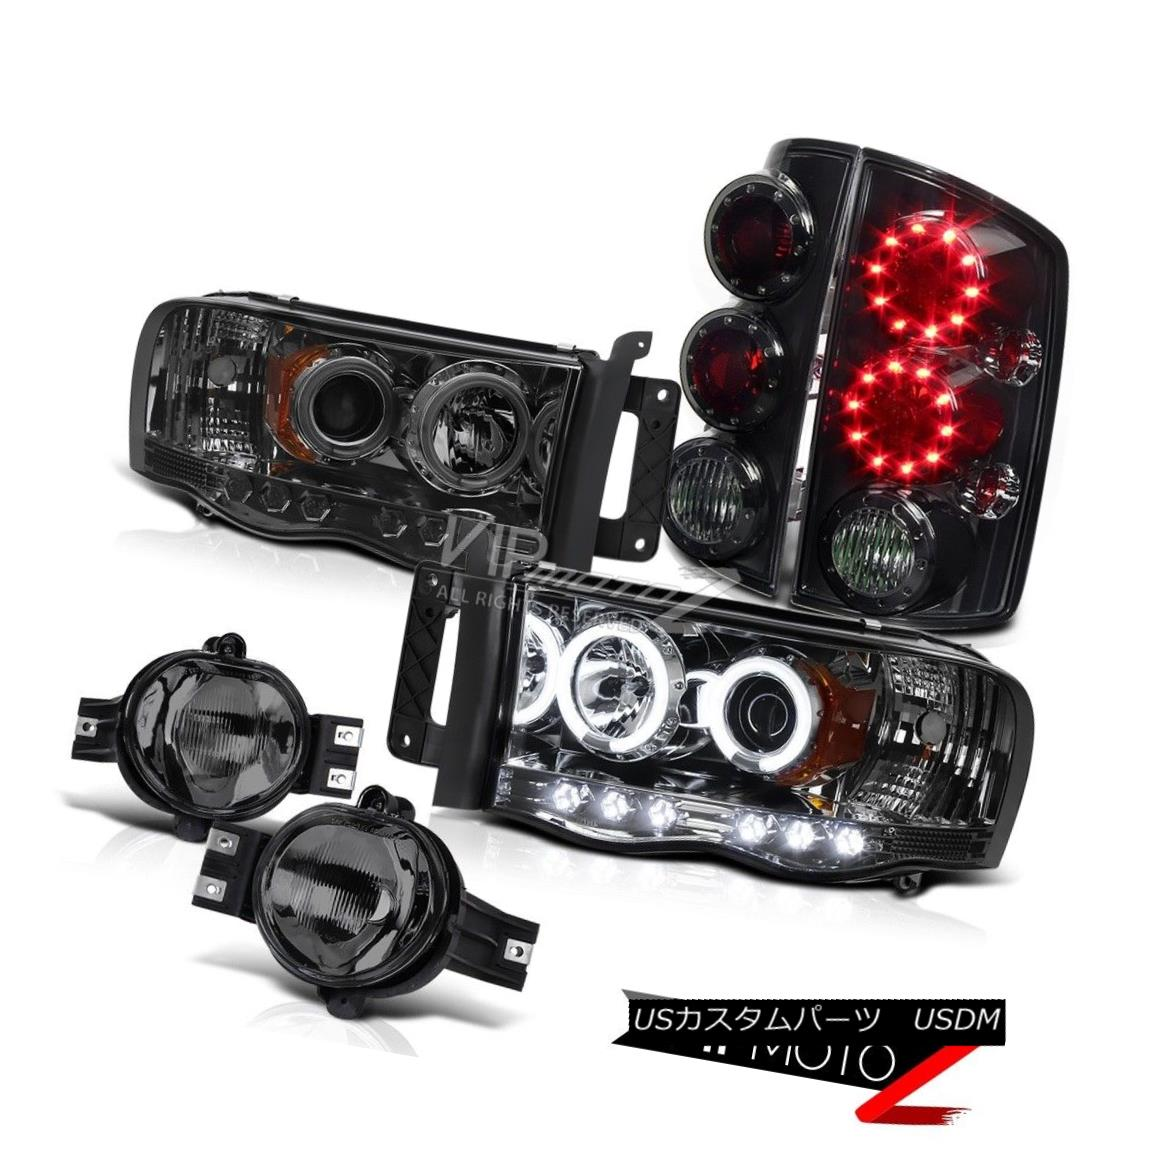 """ヘッドライト """"Beast Mode"""" DRL CCFL Halo Headlamps+LED Rear Brake Light+Fog Lamp(ALL SMOKED) 「ビーストモード」DRL CCFLハローヘッドランプ+ LEDリアブレーキライト+フォグランプ(全てSMOKED)"""